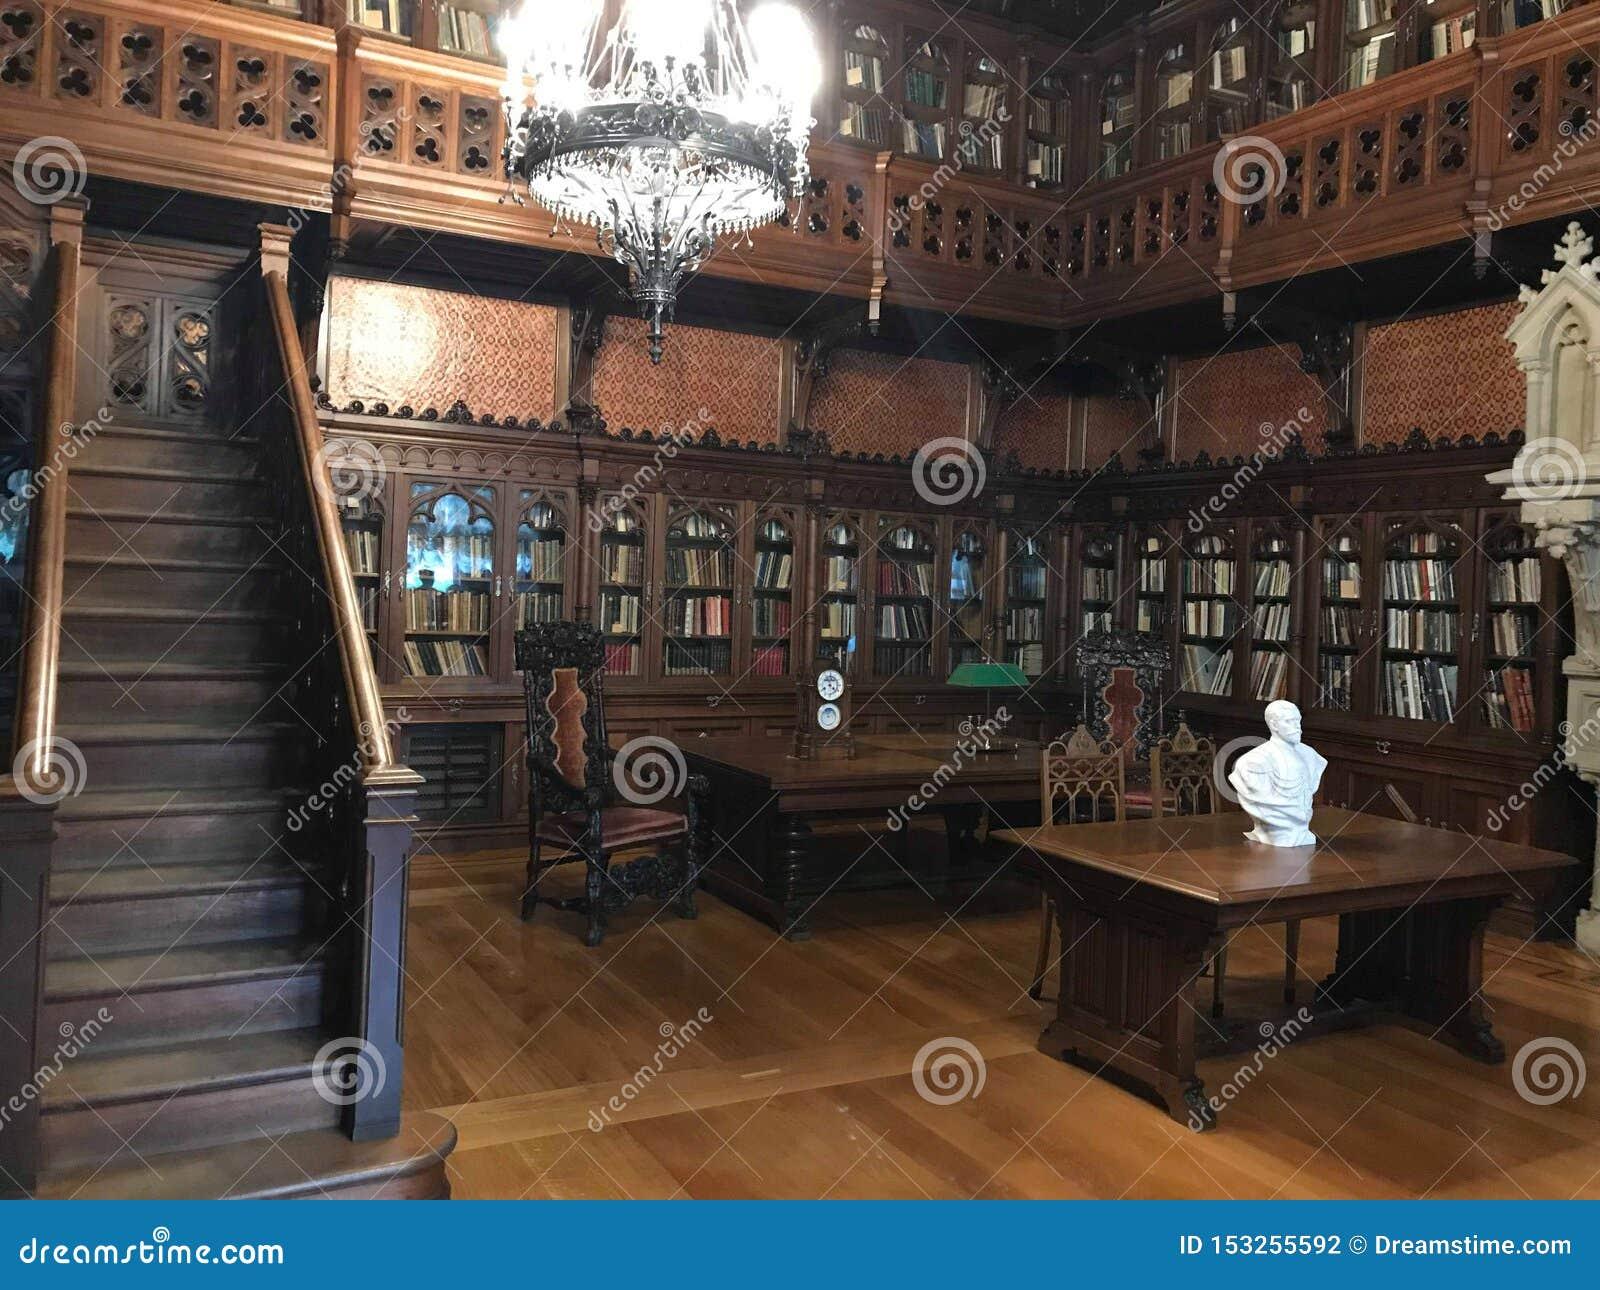 Η μεγάλη αίθουσα της ιστορικής βιβλιοθήκης της Μόσχας